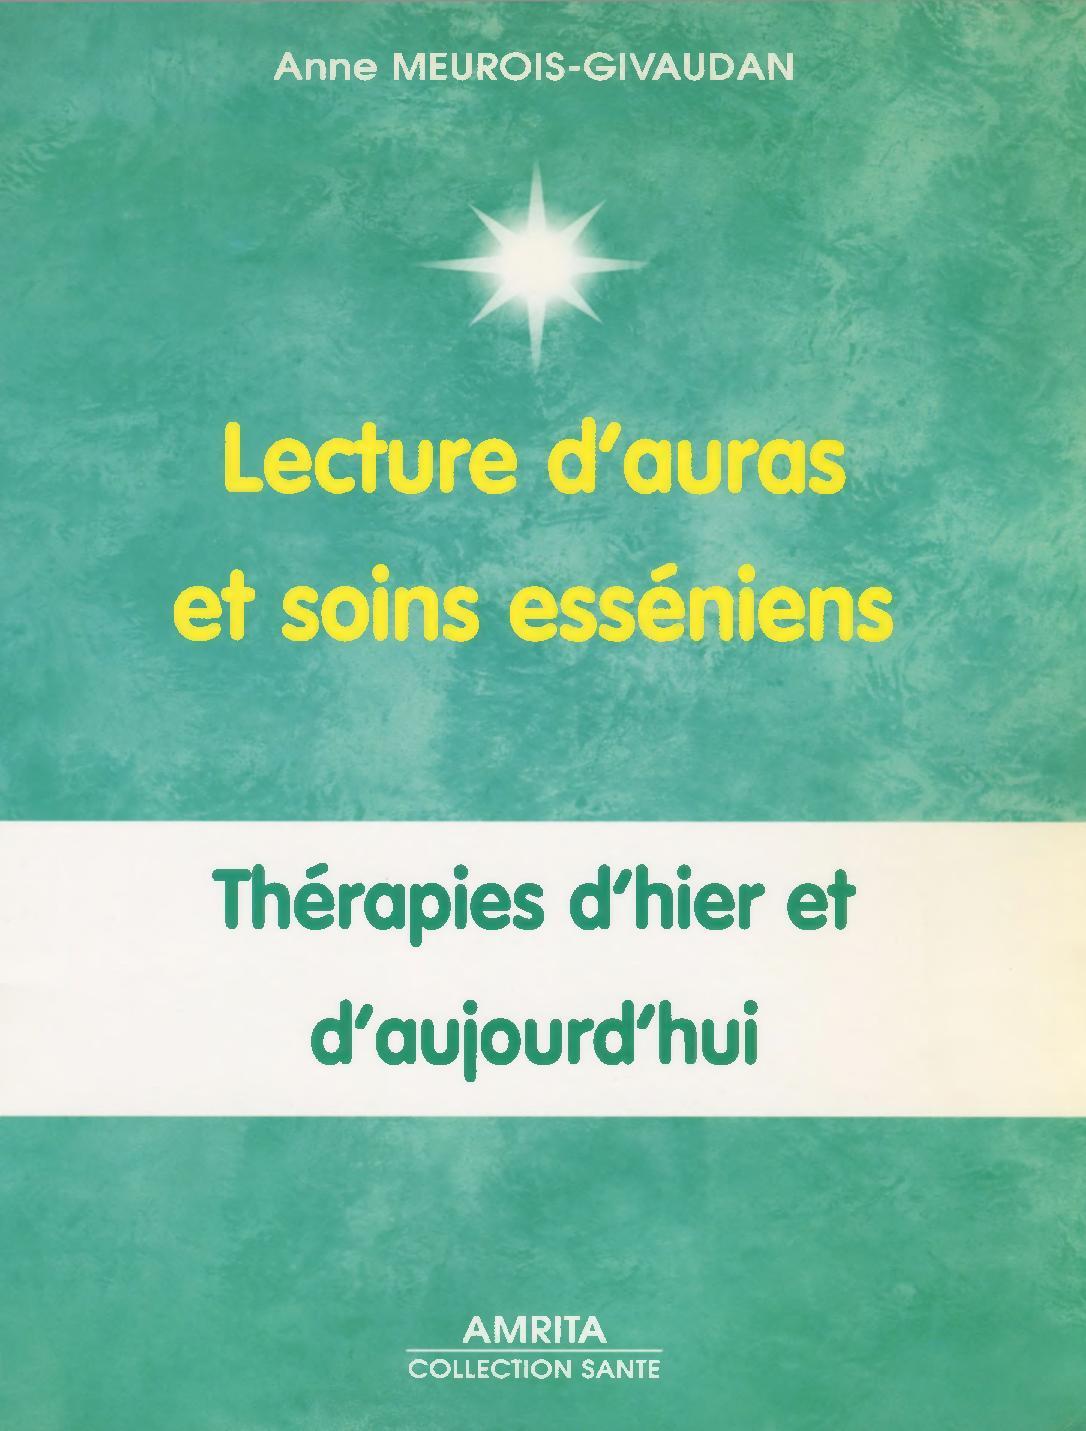 télécharger Lecture d'auras et soins esséniens : Thérapies d'hier et d'aujourd'hui